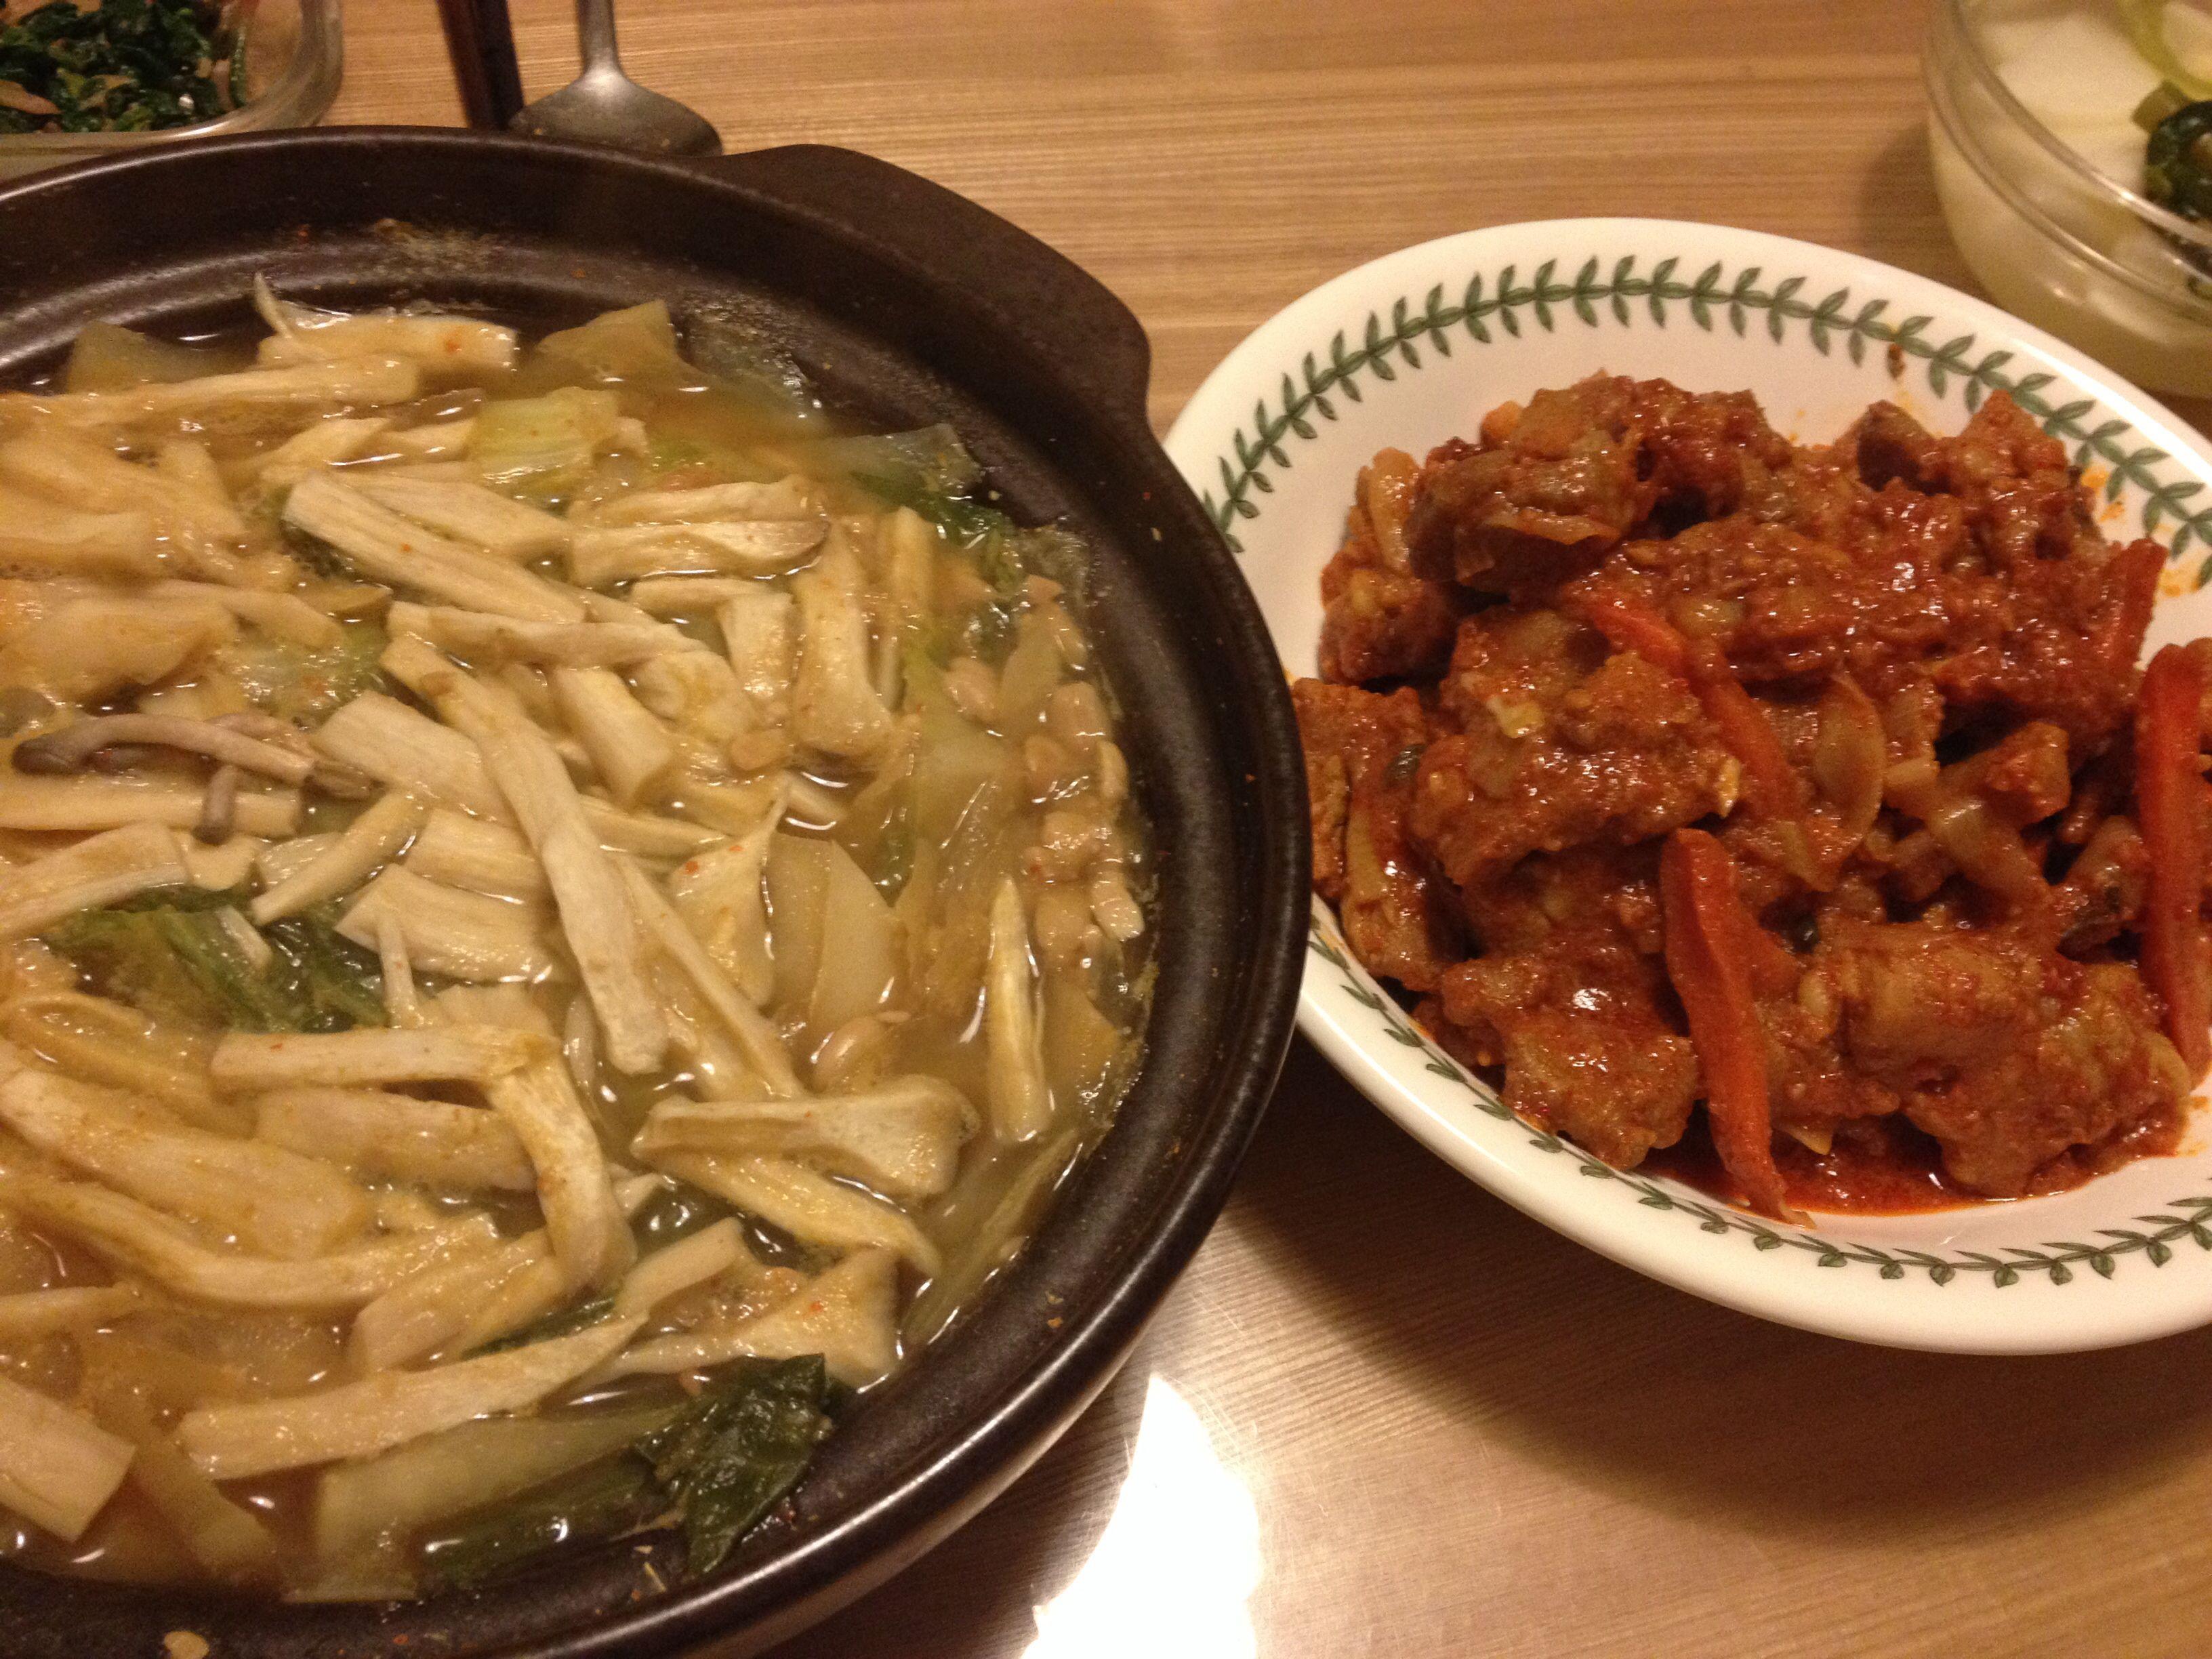 2014.2.10 저녁. 된장 찌개와 제육 볶음